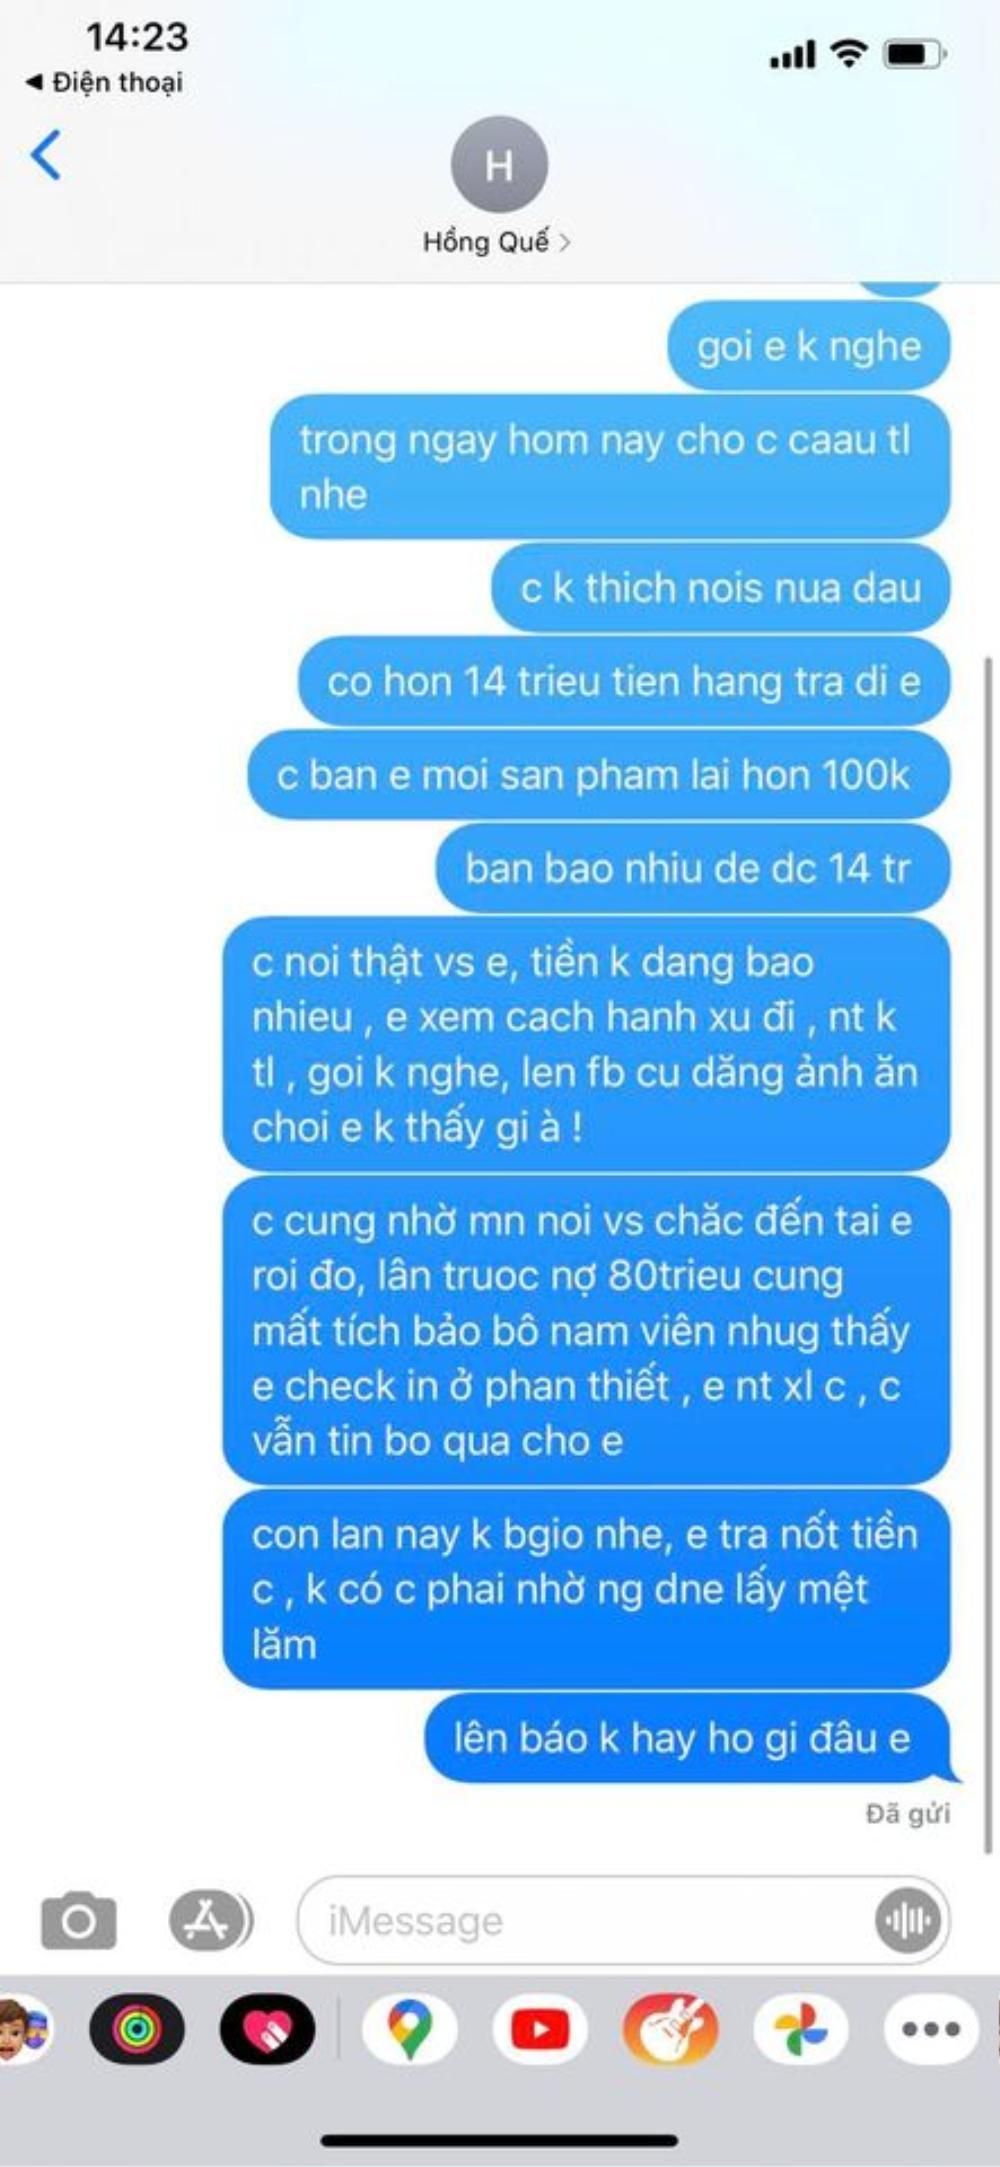 Vợ cũ Việt Anh 'tố' Hồng Quế nợ nần: Tình cảm chị em thân thiết chính thức 'toang'? Ảnh 7